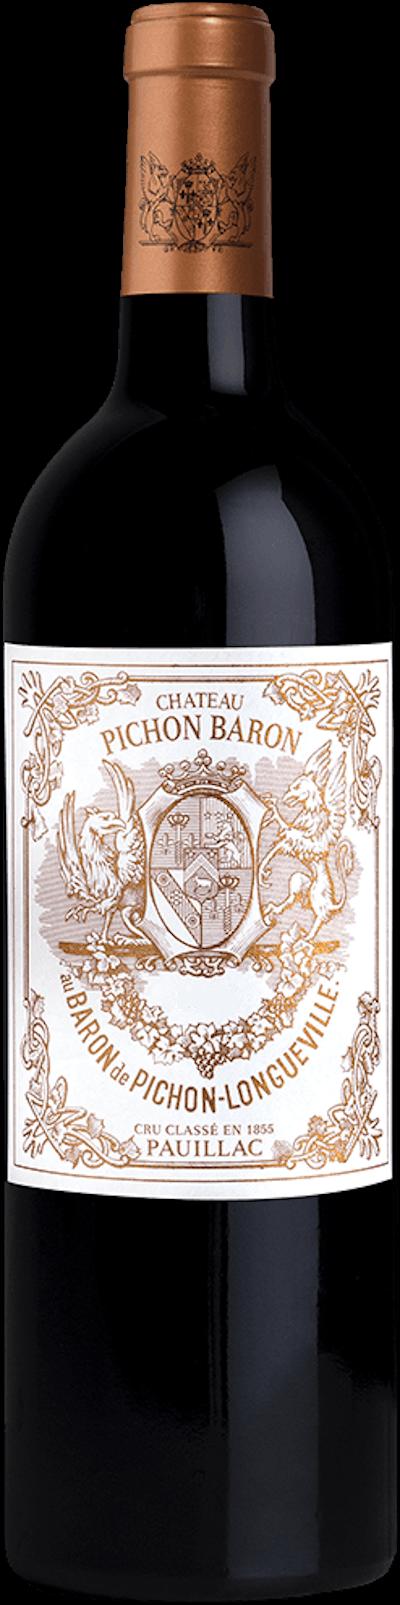 Château Pichon Baron - Pauillac GCC